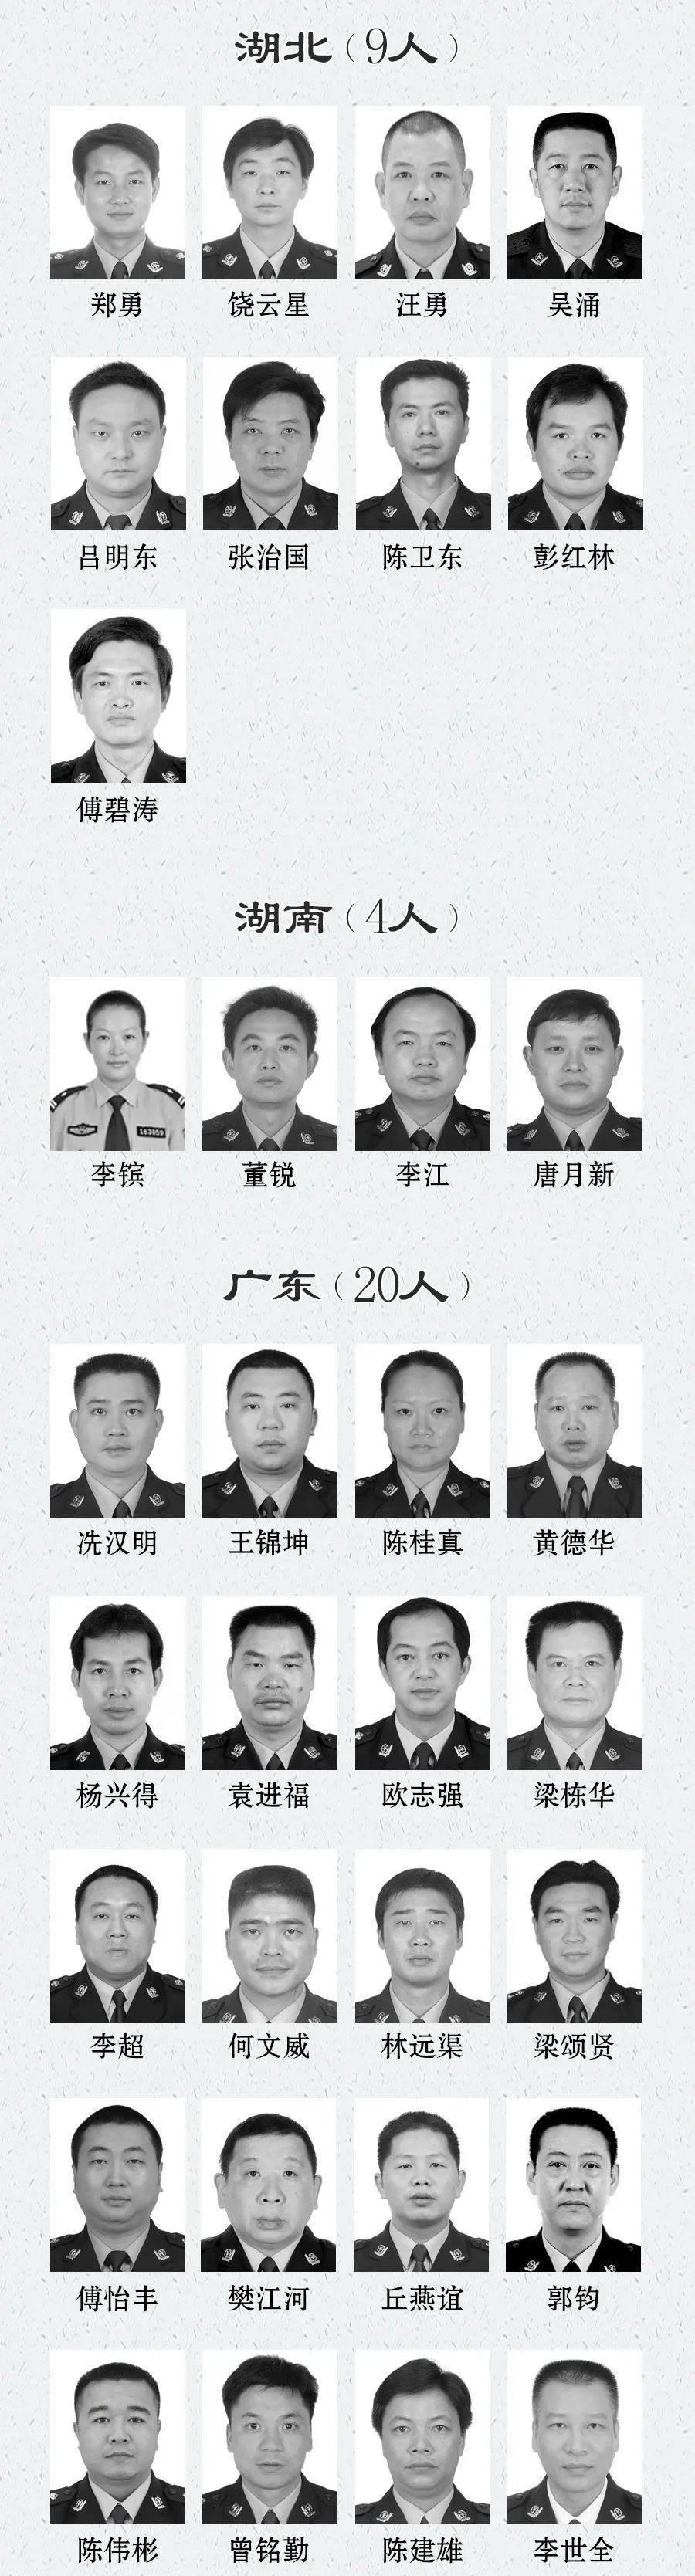 天顺娱乐app-首页【1.1.9】  第6张